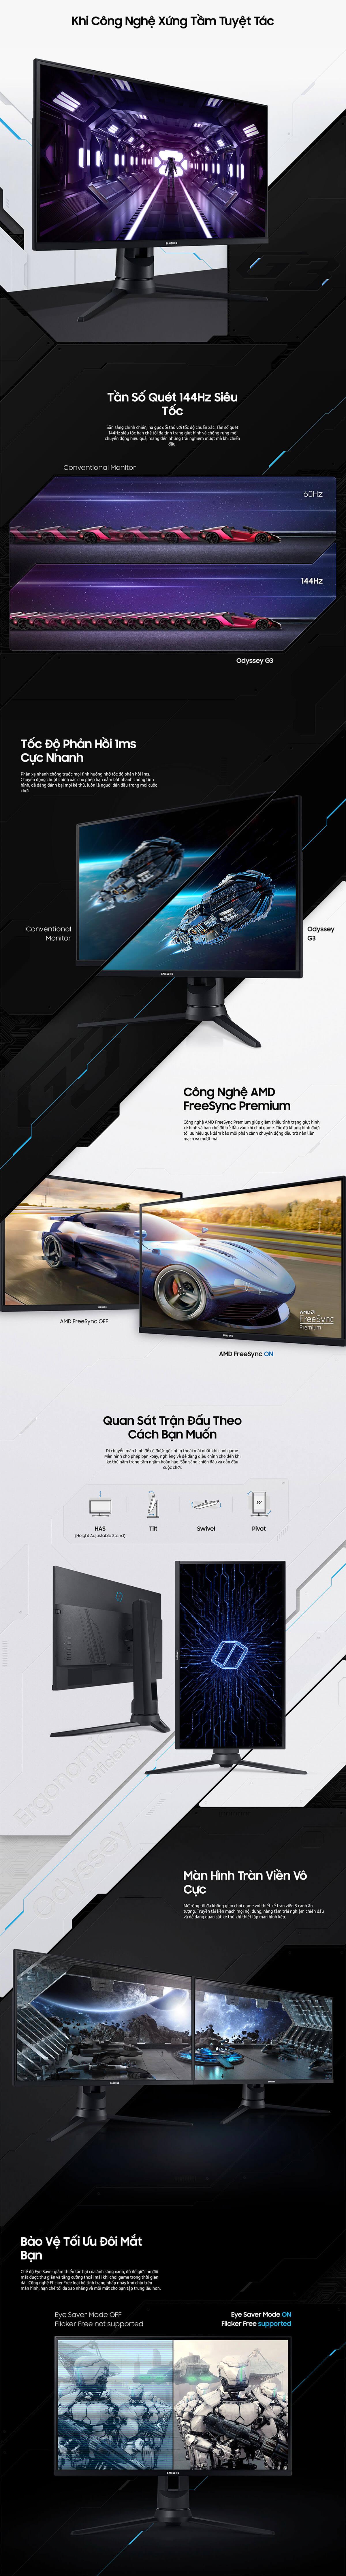 Samsung 27 inch LF27G35TFWEXXV (FHD, 144Hz, VA, 1ms)